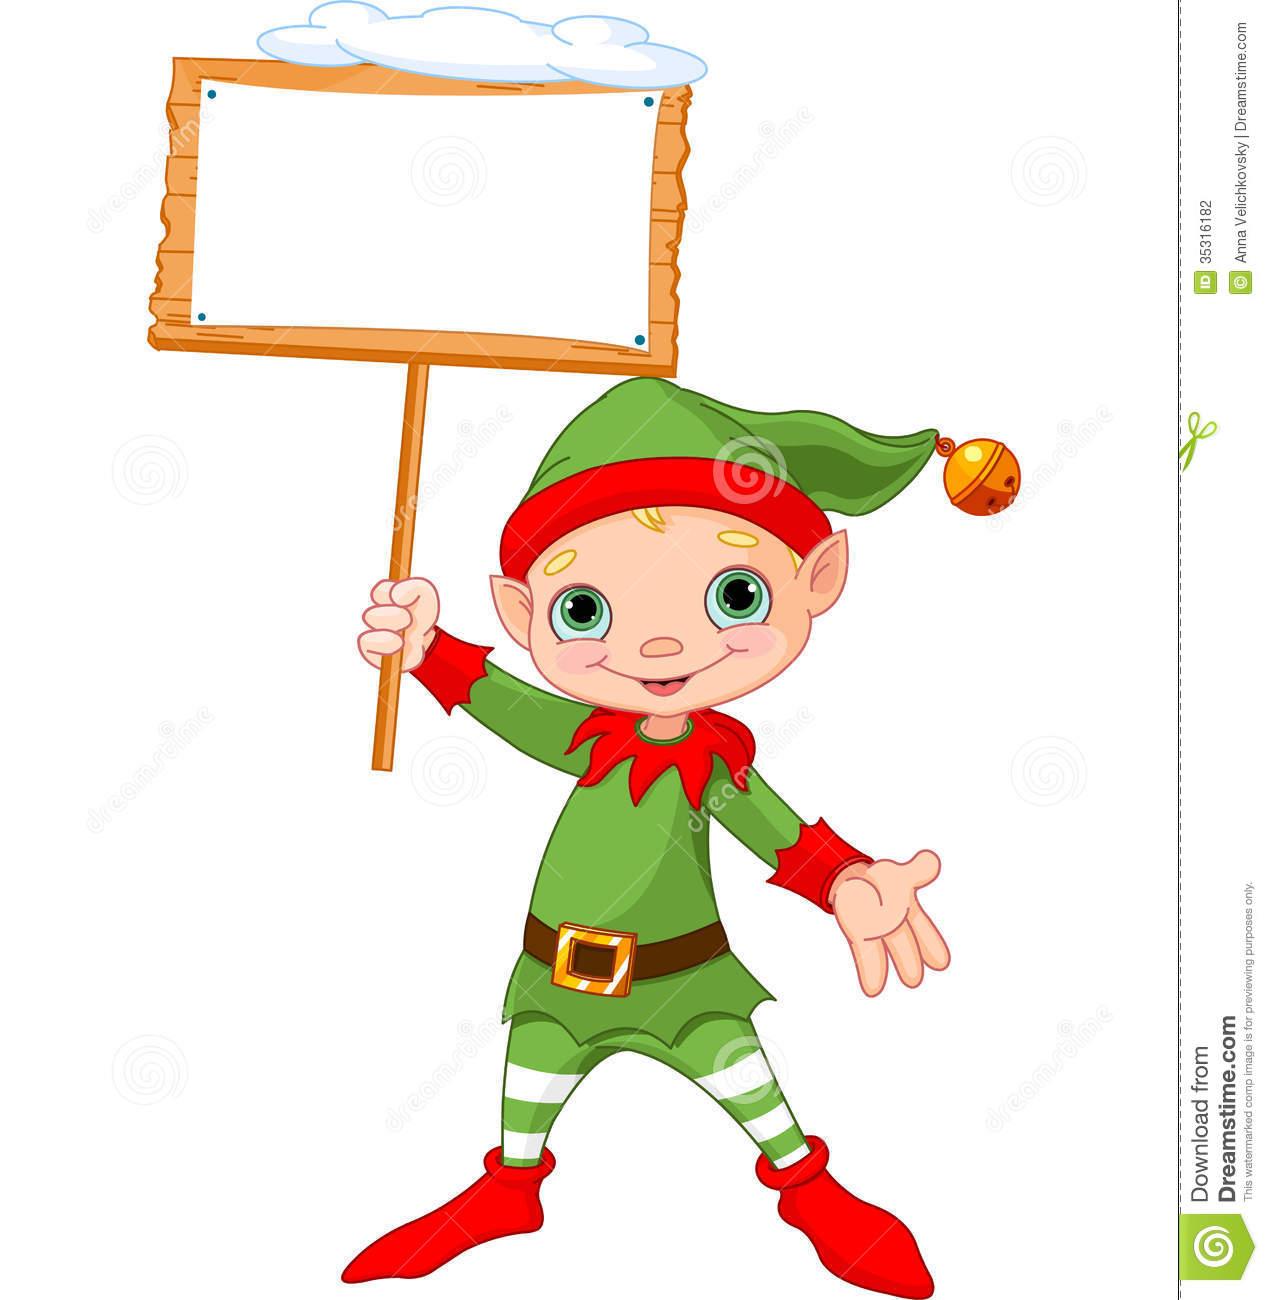 Cute Elf Clipart - Clipart Kid